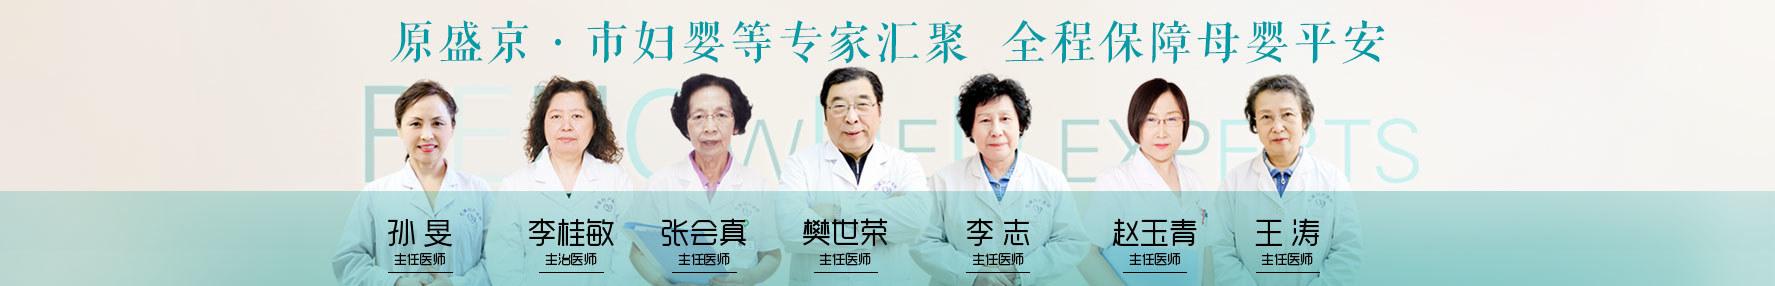 沈阳妇科医院